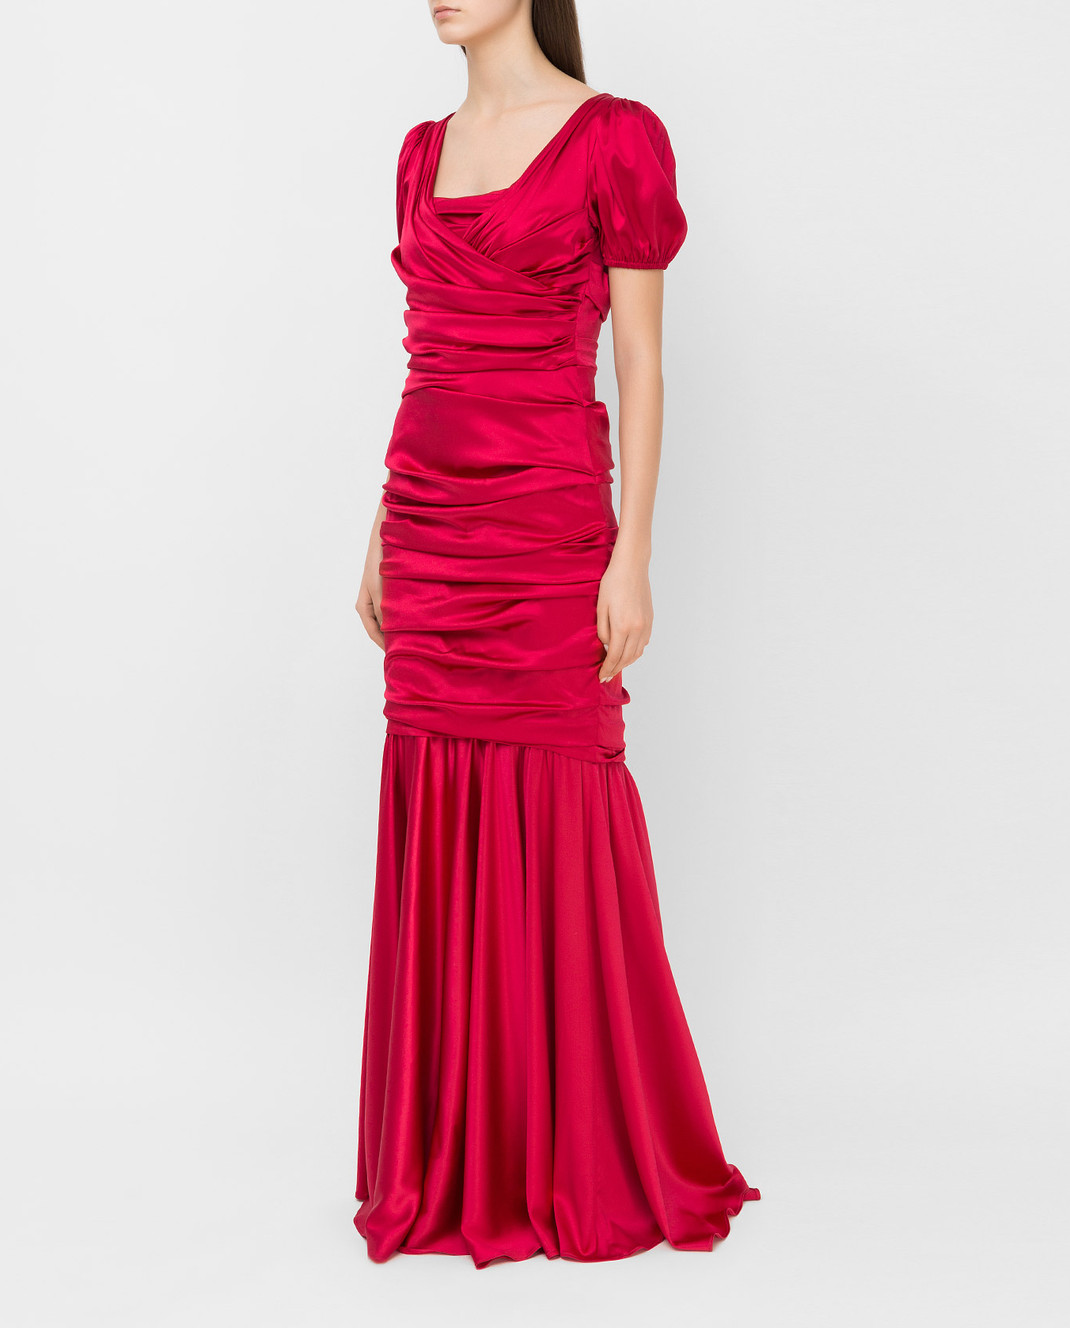 Dolce&Gabbana Красное платье из шелка F62B2TFURAG изображение 3